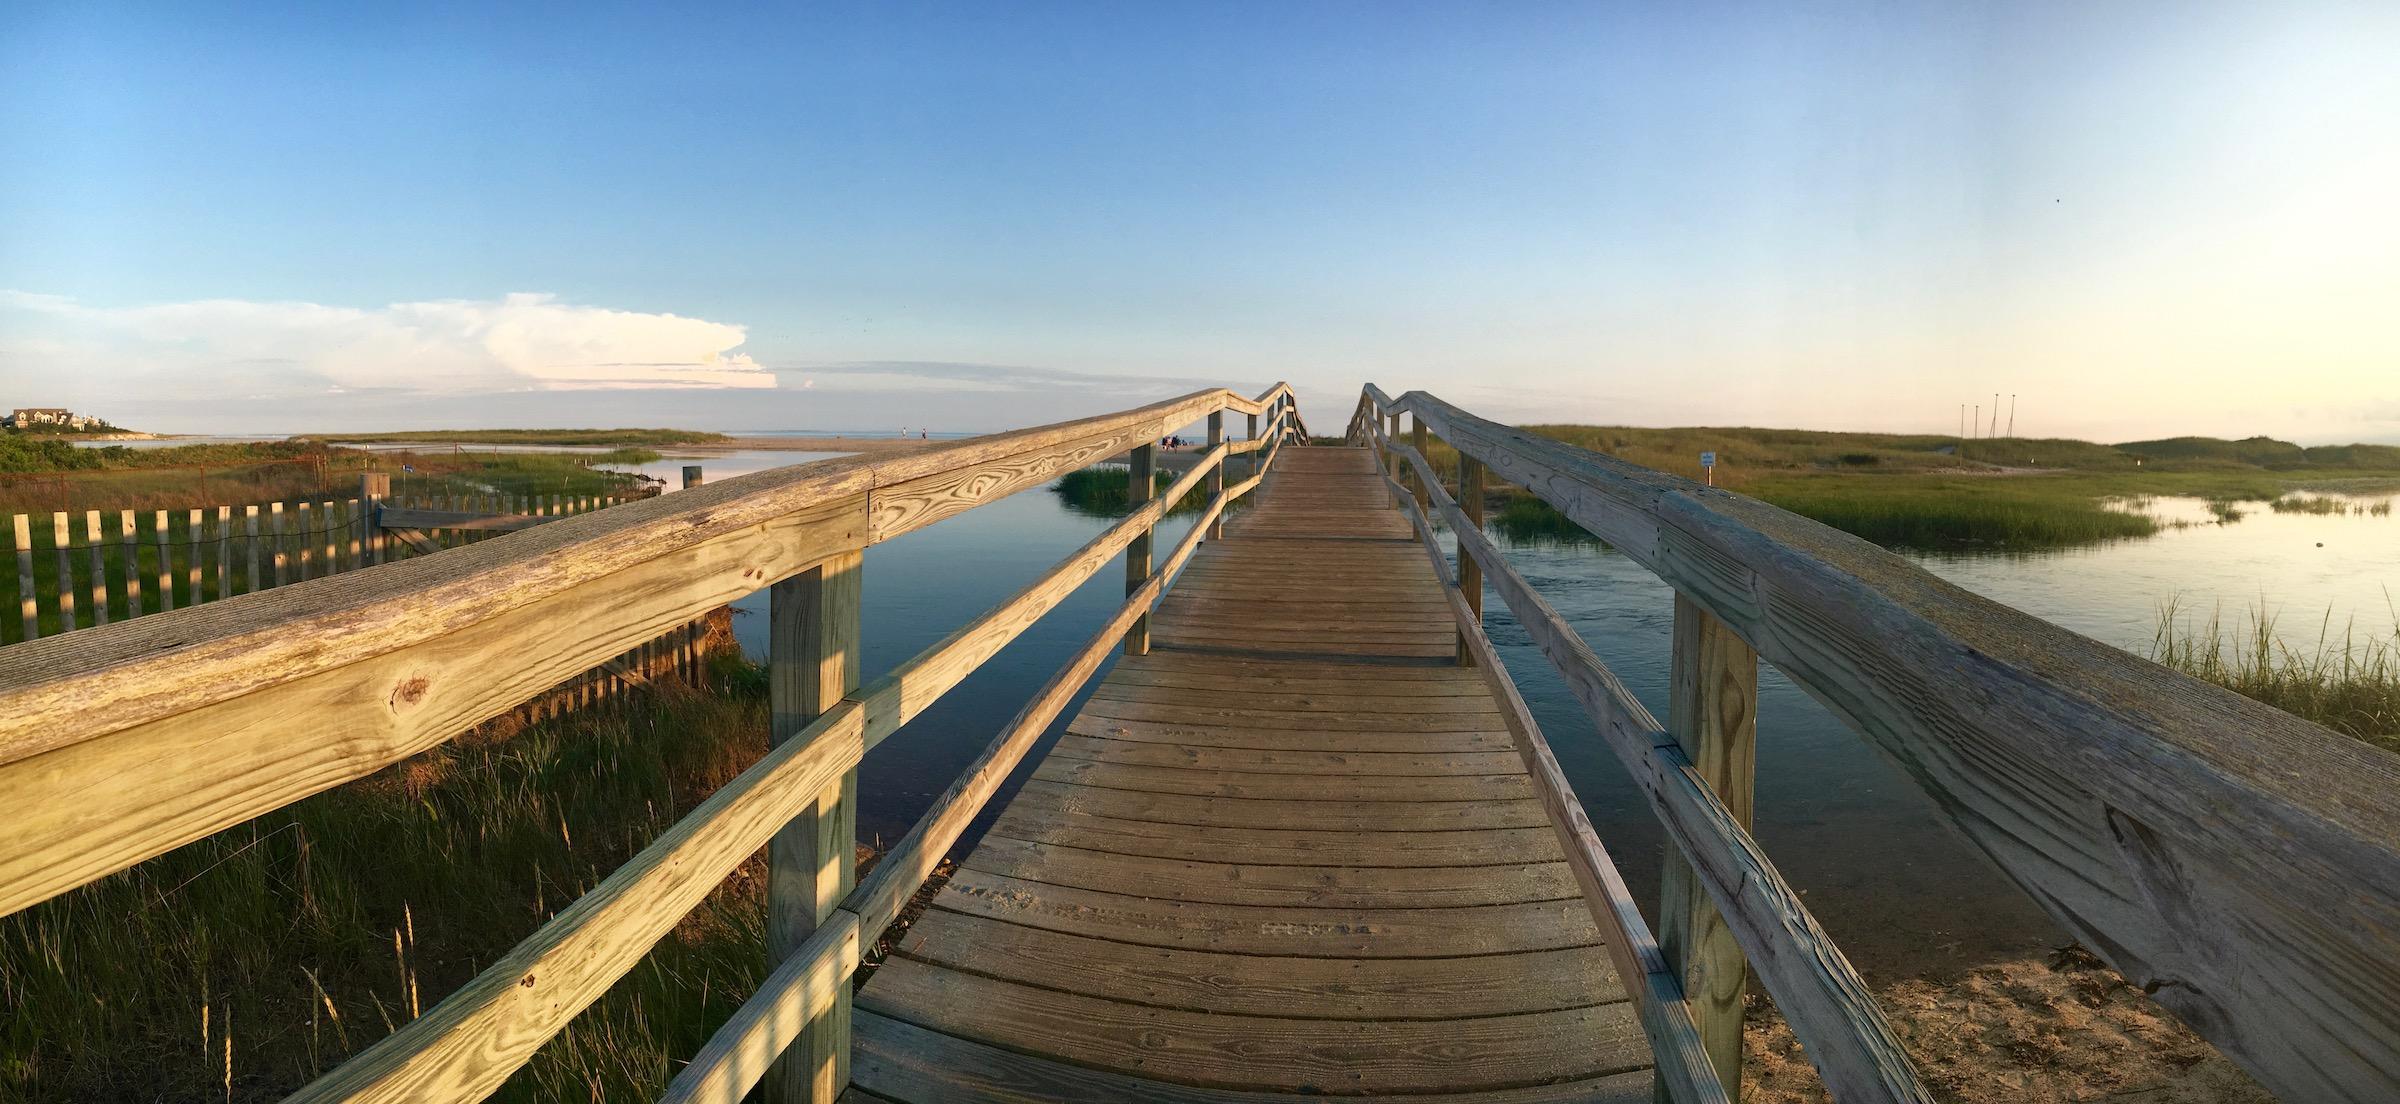 ridgevale-beach-chatham-ma-cape-cod